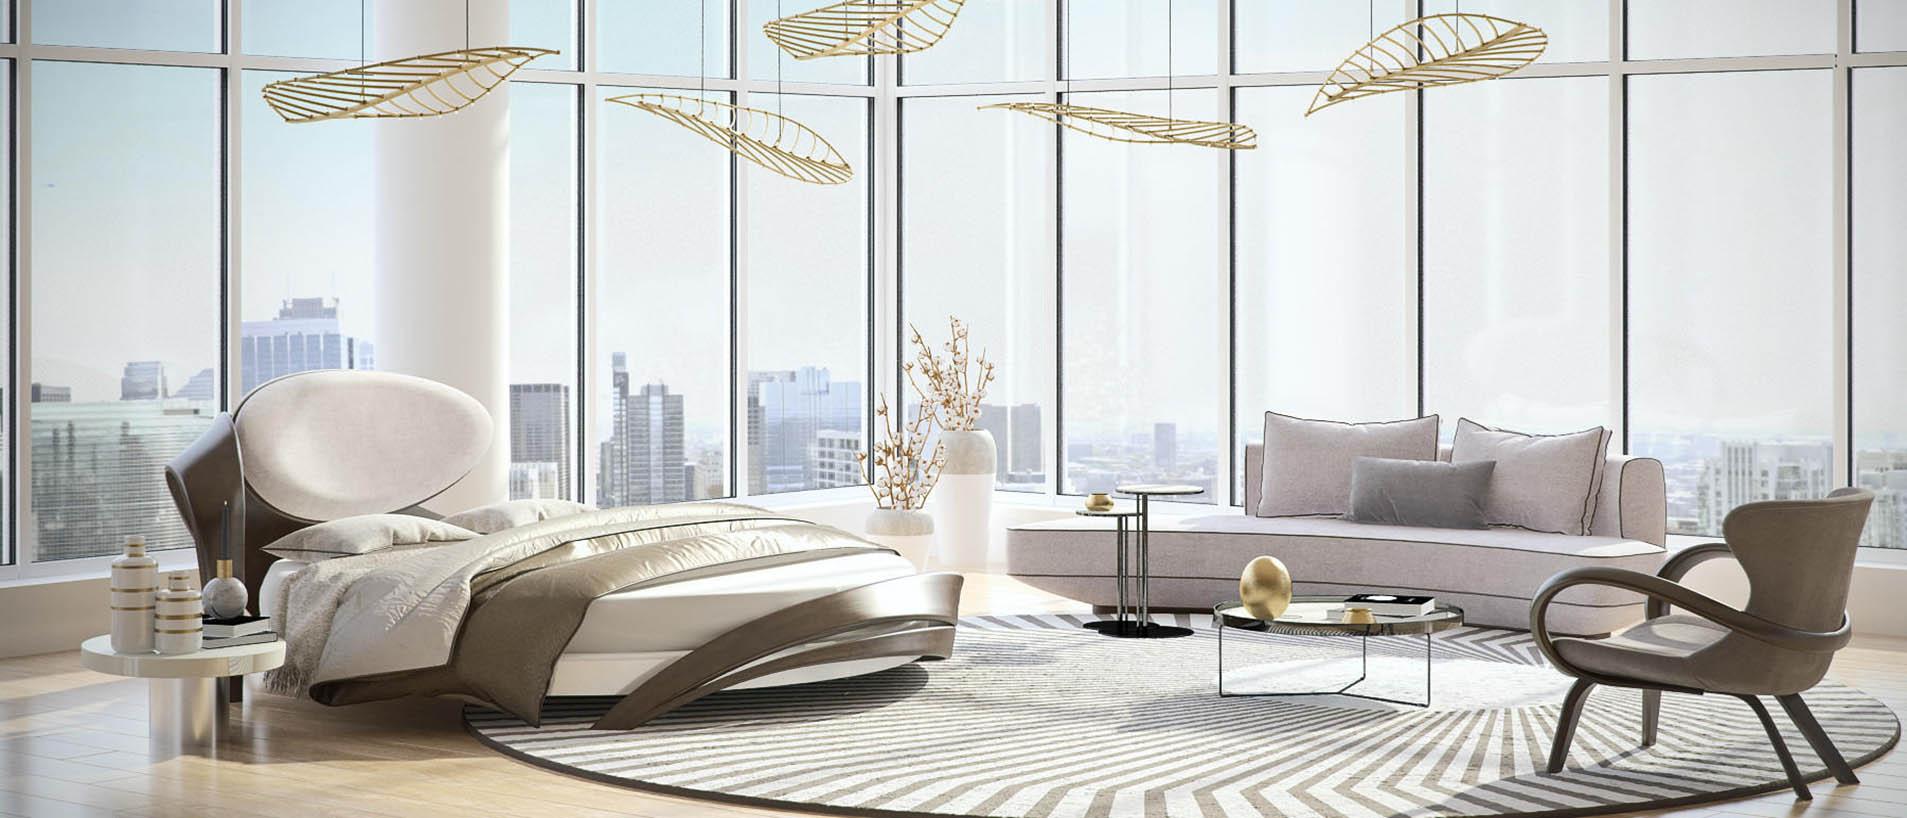 Белая спальня с круглой кроватью